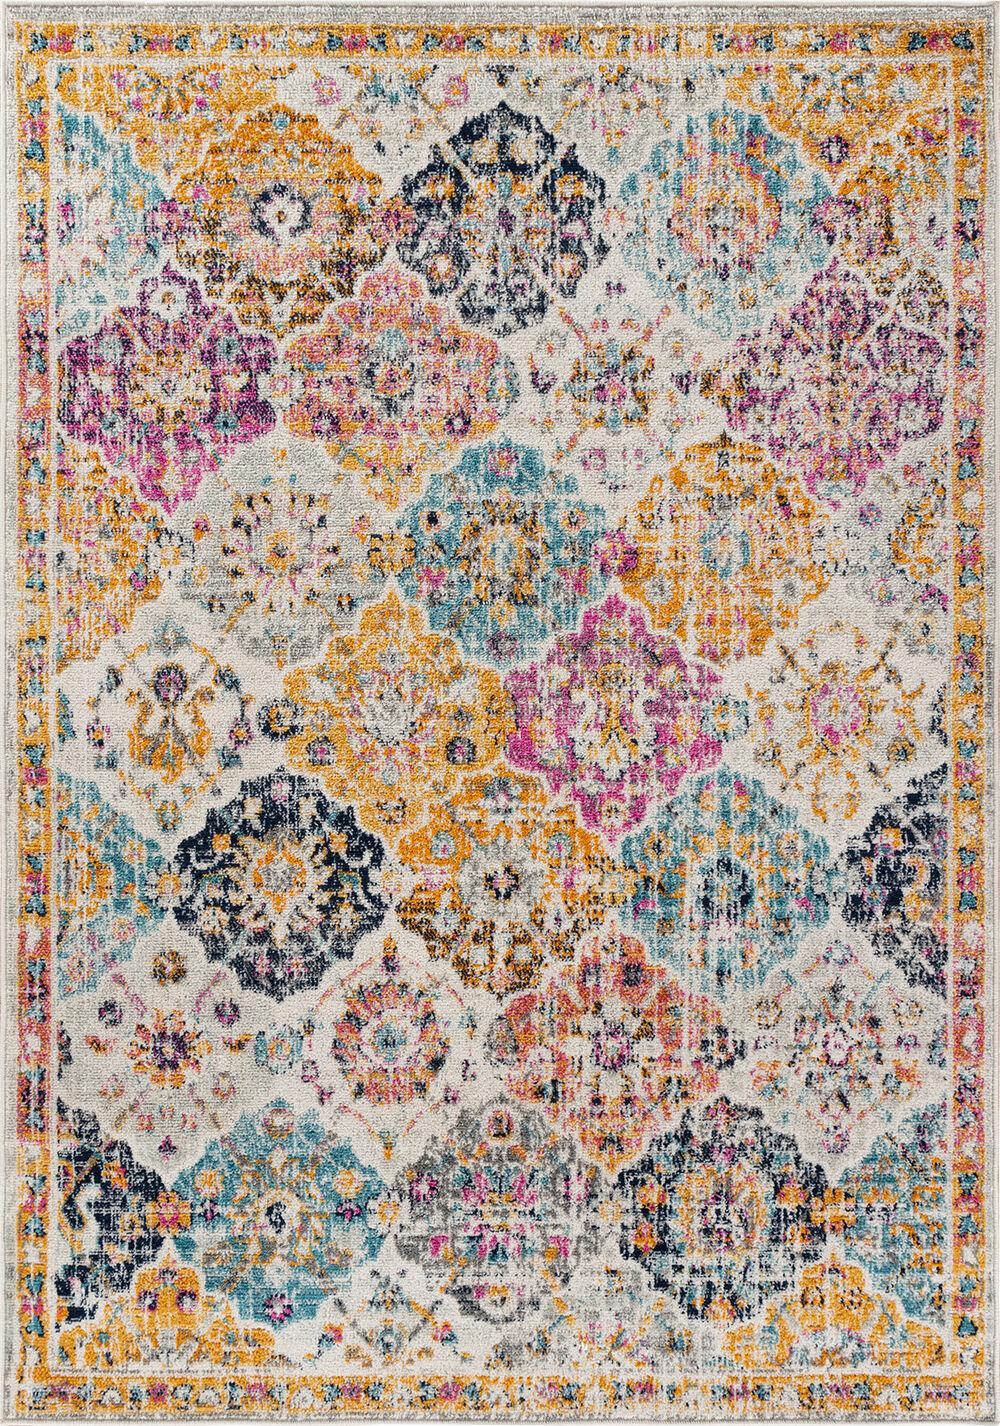 Surya Tapis de salon classique multicolore safran, orange et bleu 120x170